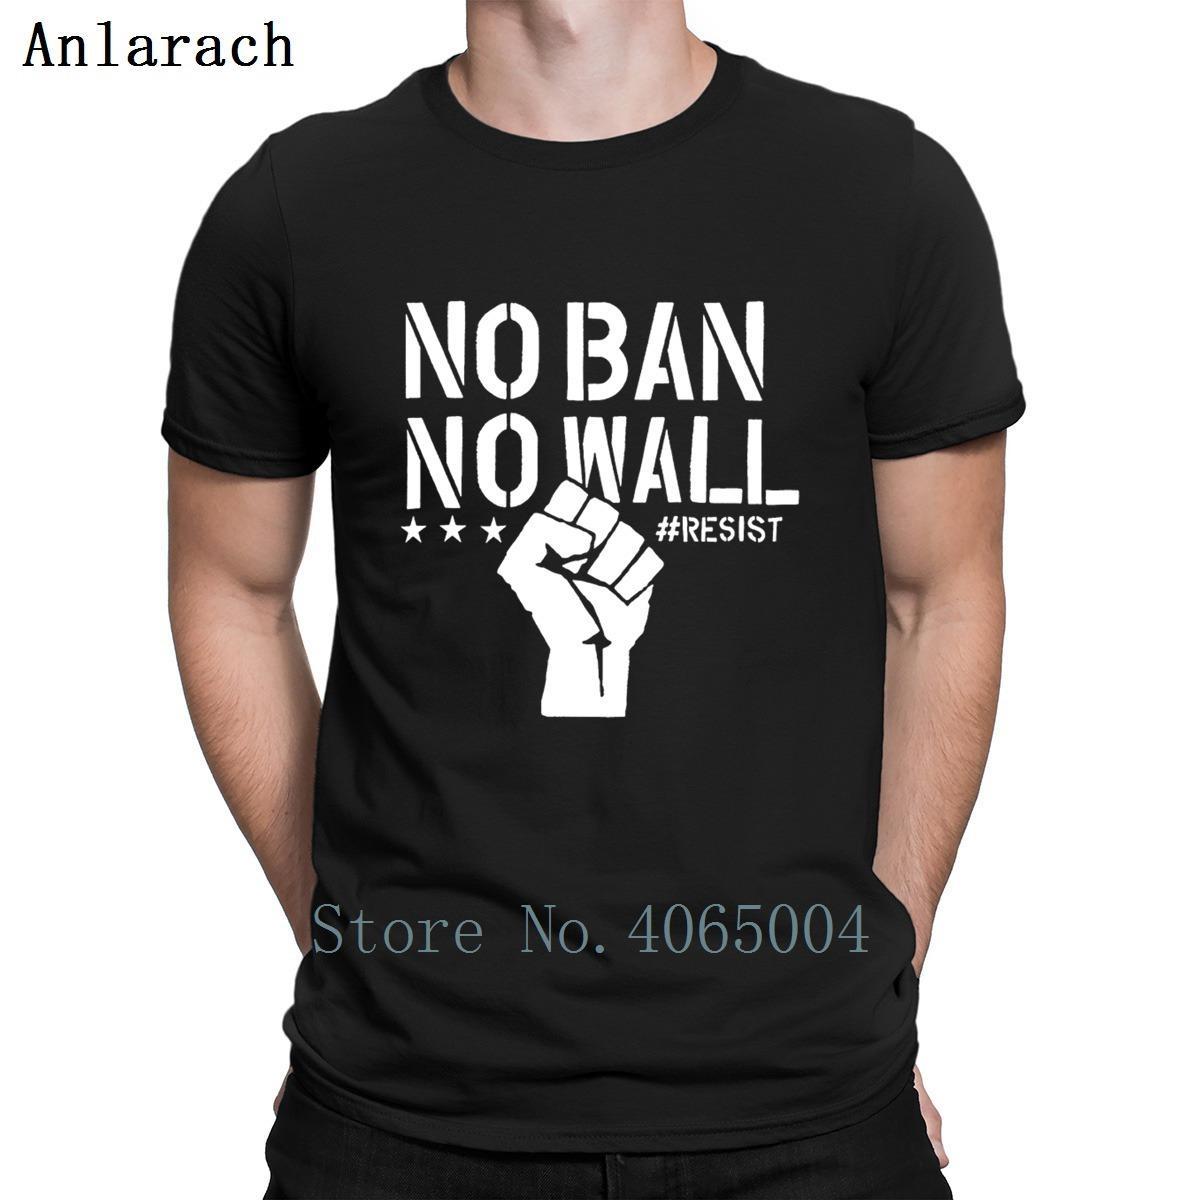 Sin ninguna prohibición pared Resist Somos La Resistencia Politice camiseta de algodón Euro tamaño S-3XL vestimenta formal cómico estilo de la camisa del verano